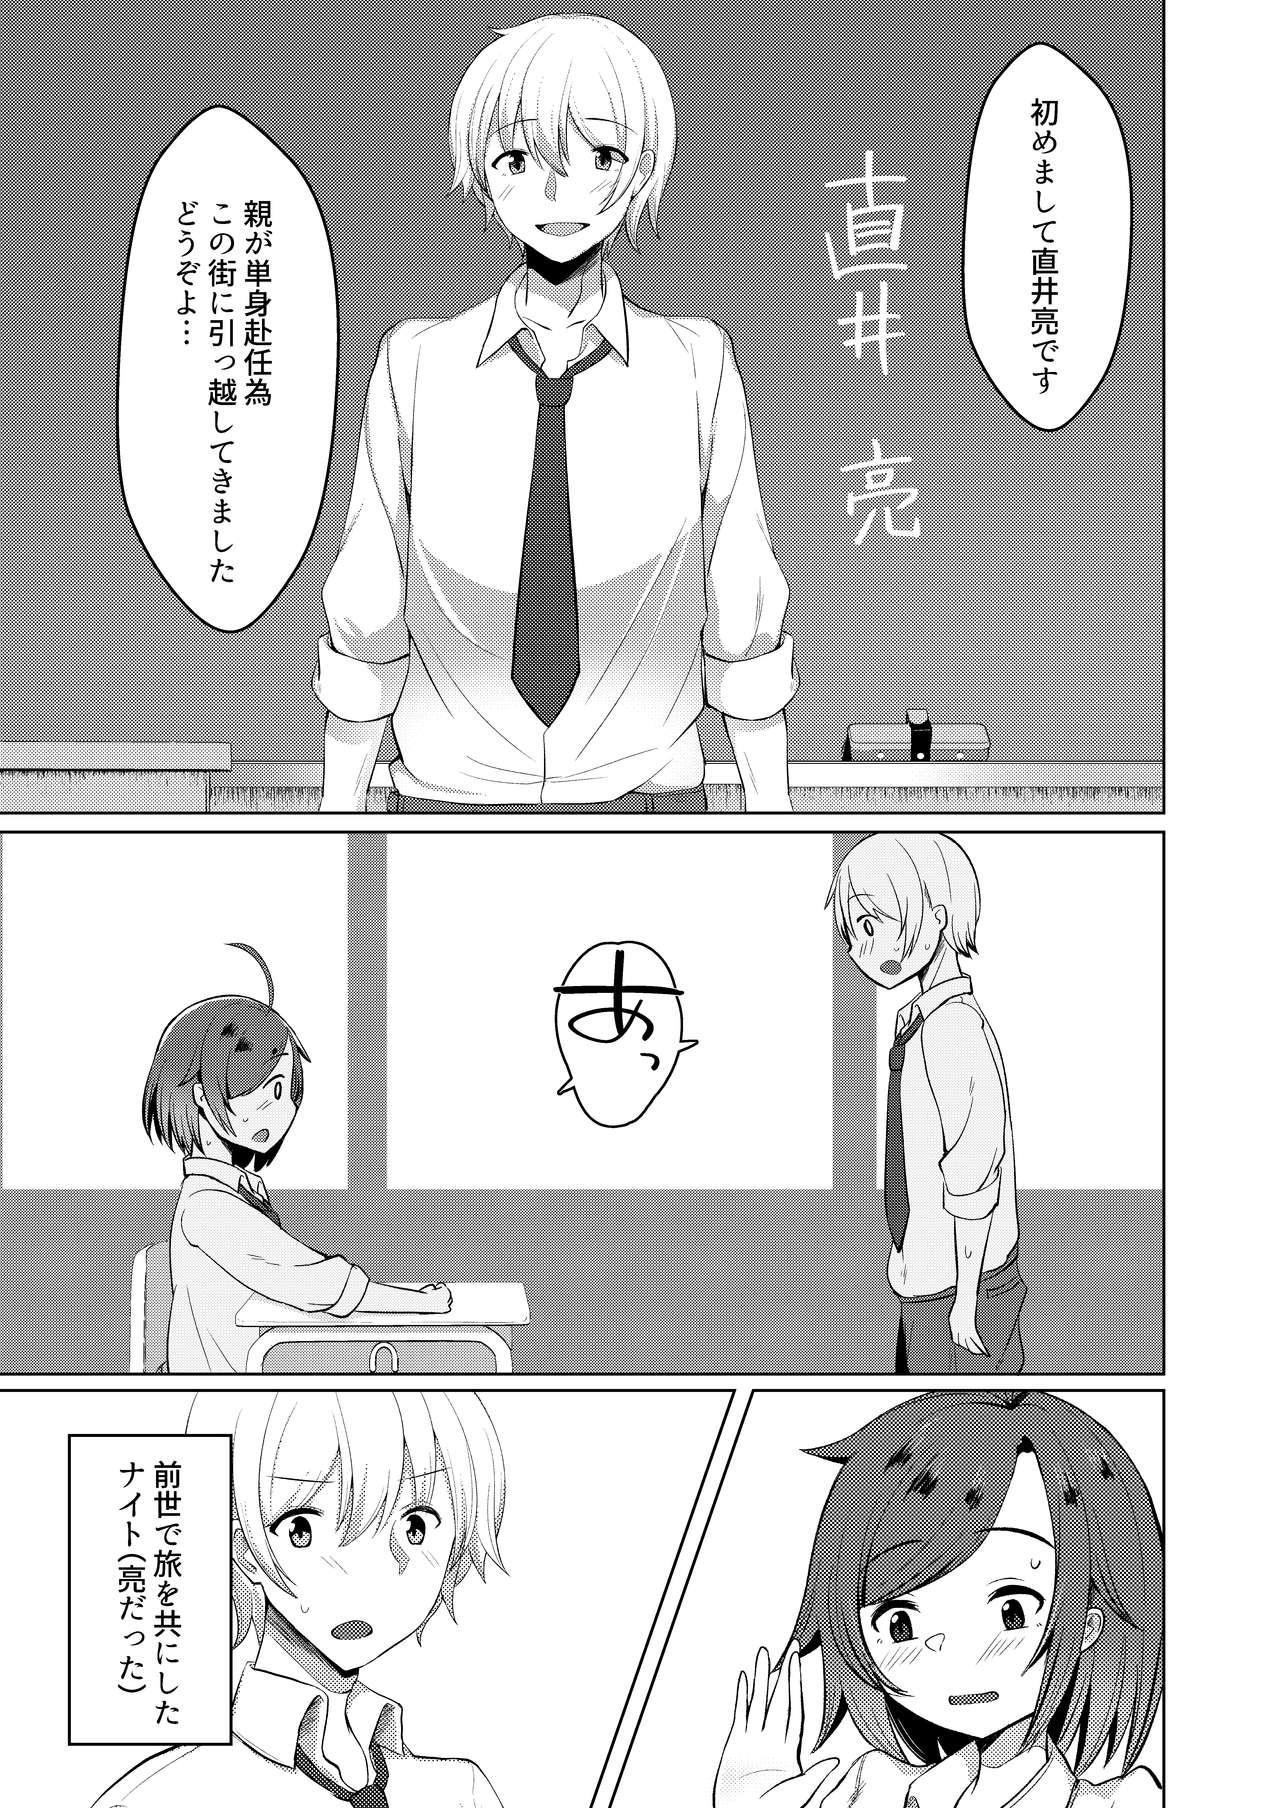 Transgender Tensei Shite JK ni Narimashita 10